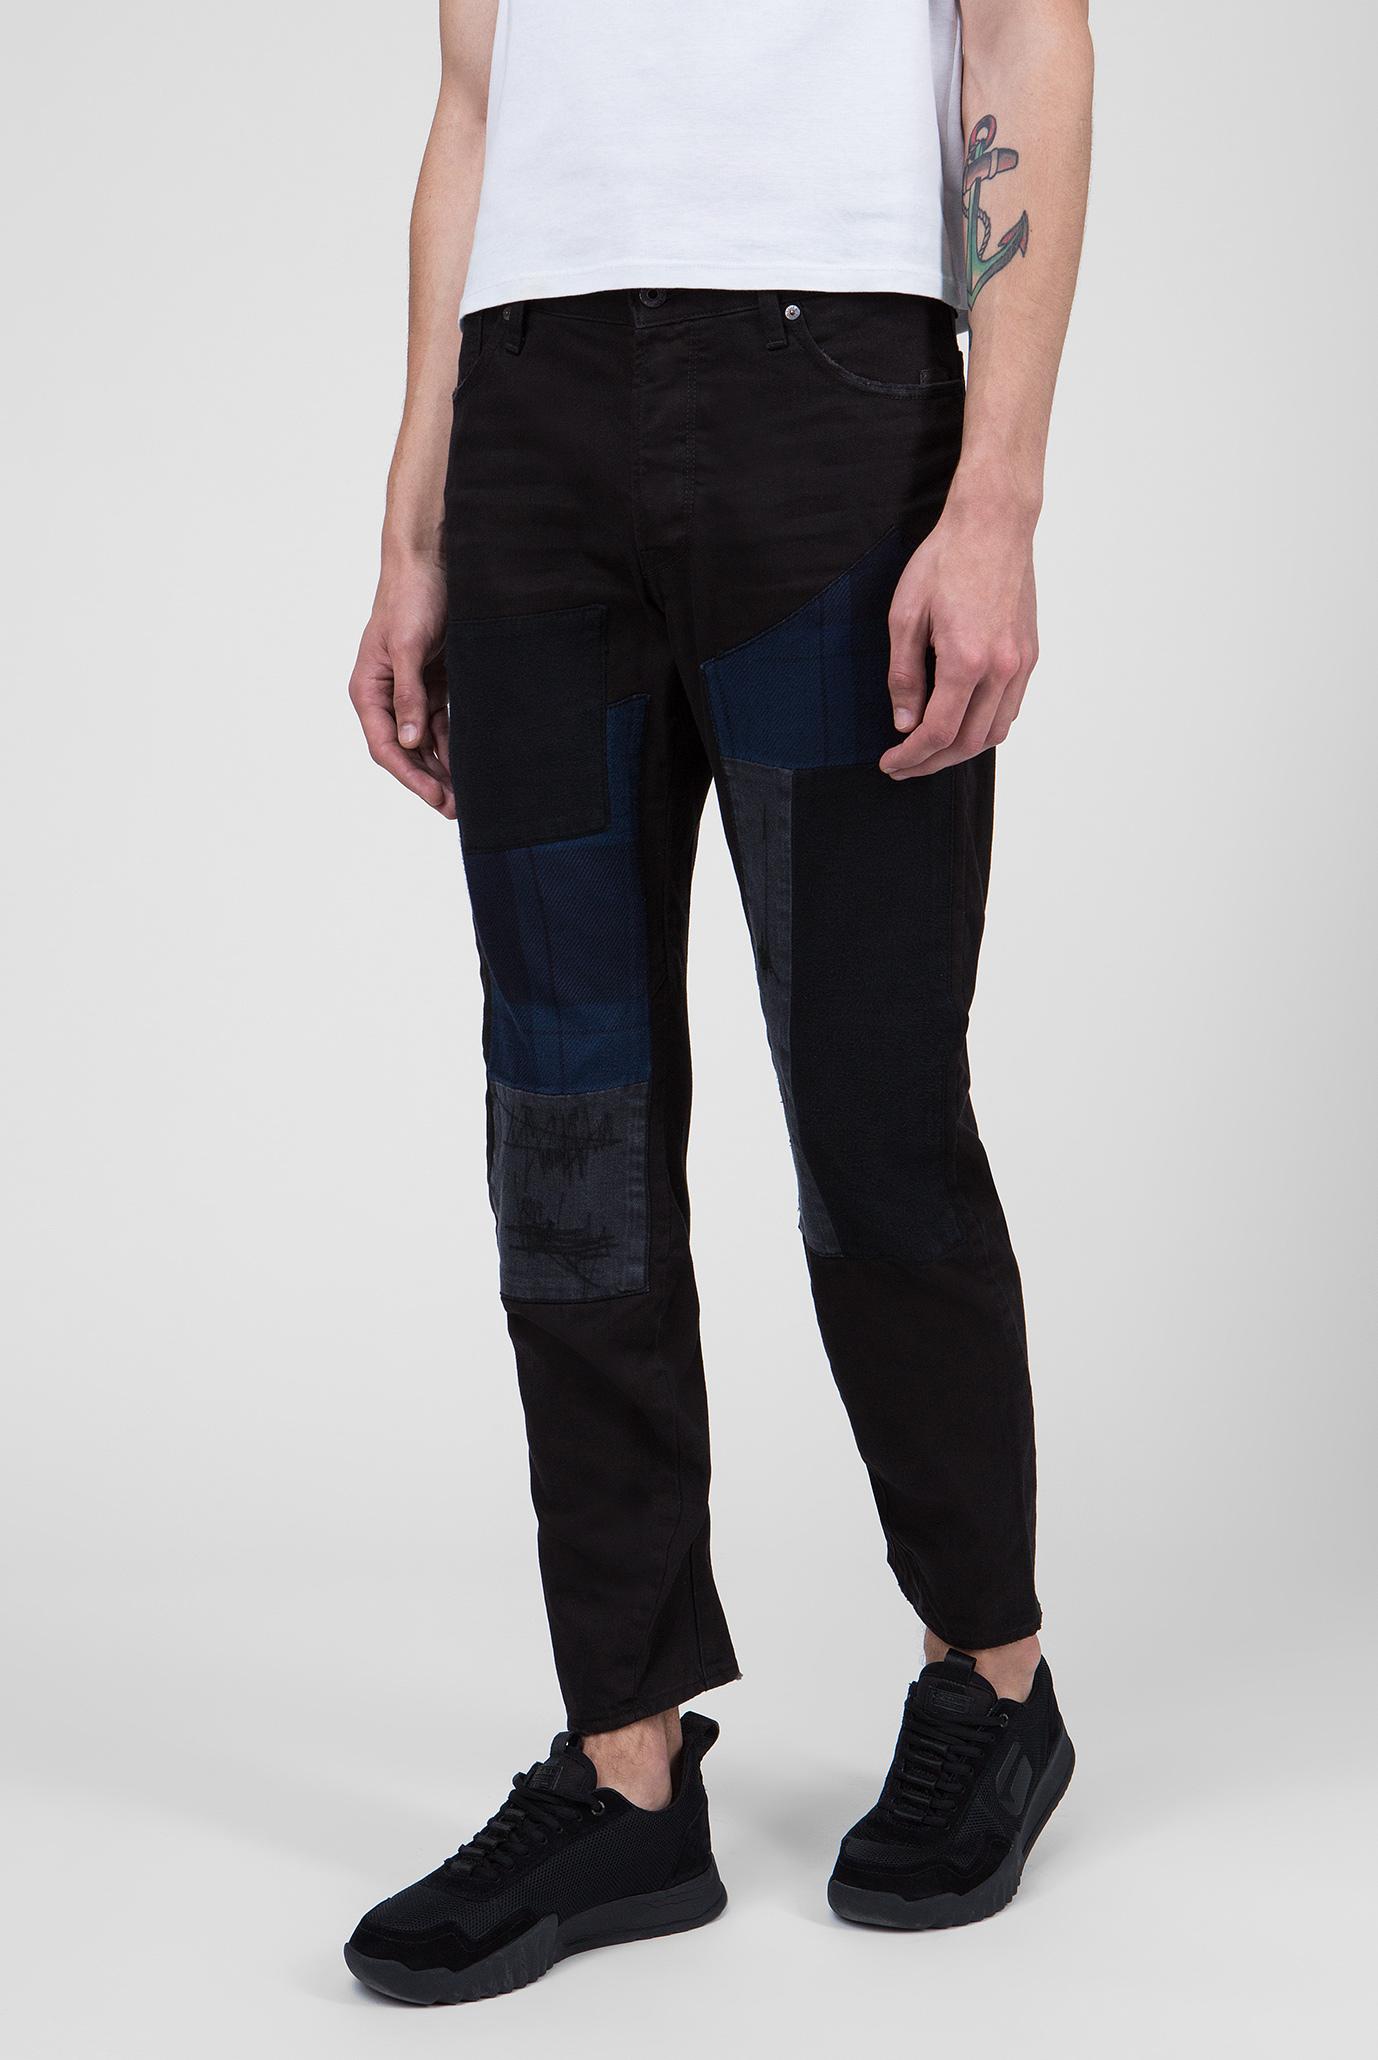 Купить Мужские черные джинсы Arc 3D Relaxed Tapered Denim Journeys G-Star RAW G-Star RAW D10360,9595 – Киев, Украина. Цены в интернет магазине MD Fashion